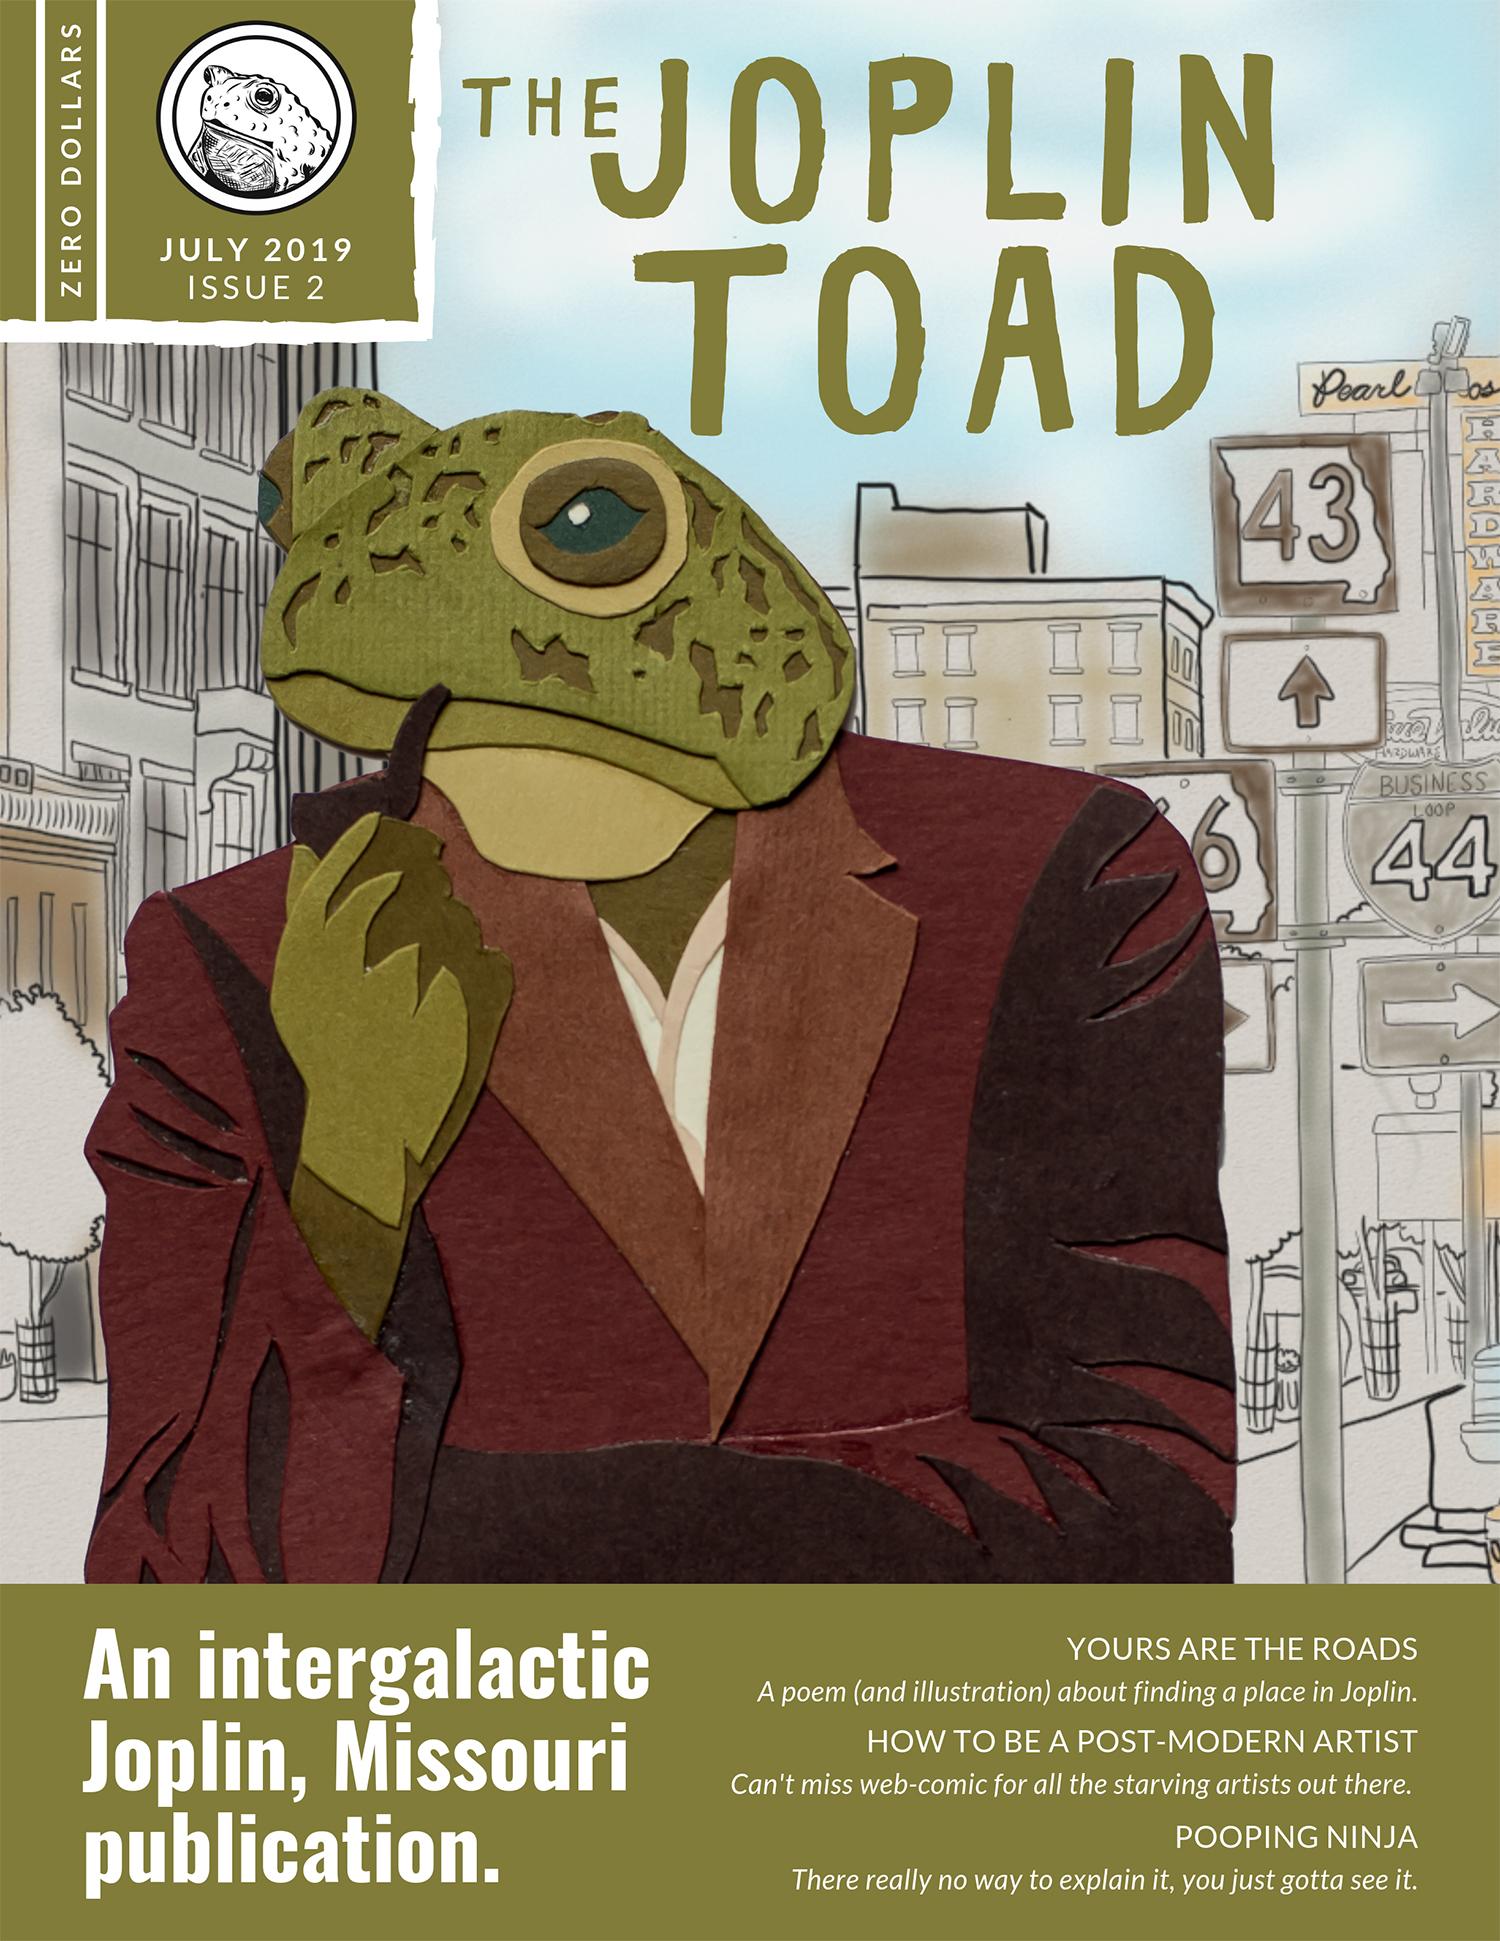 The Joplin Toad